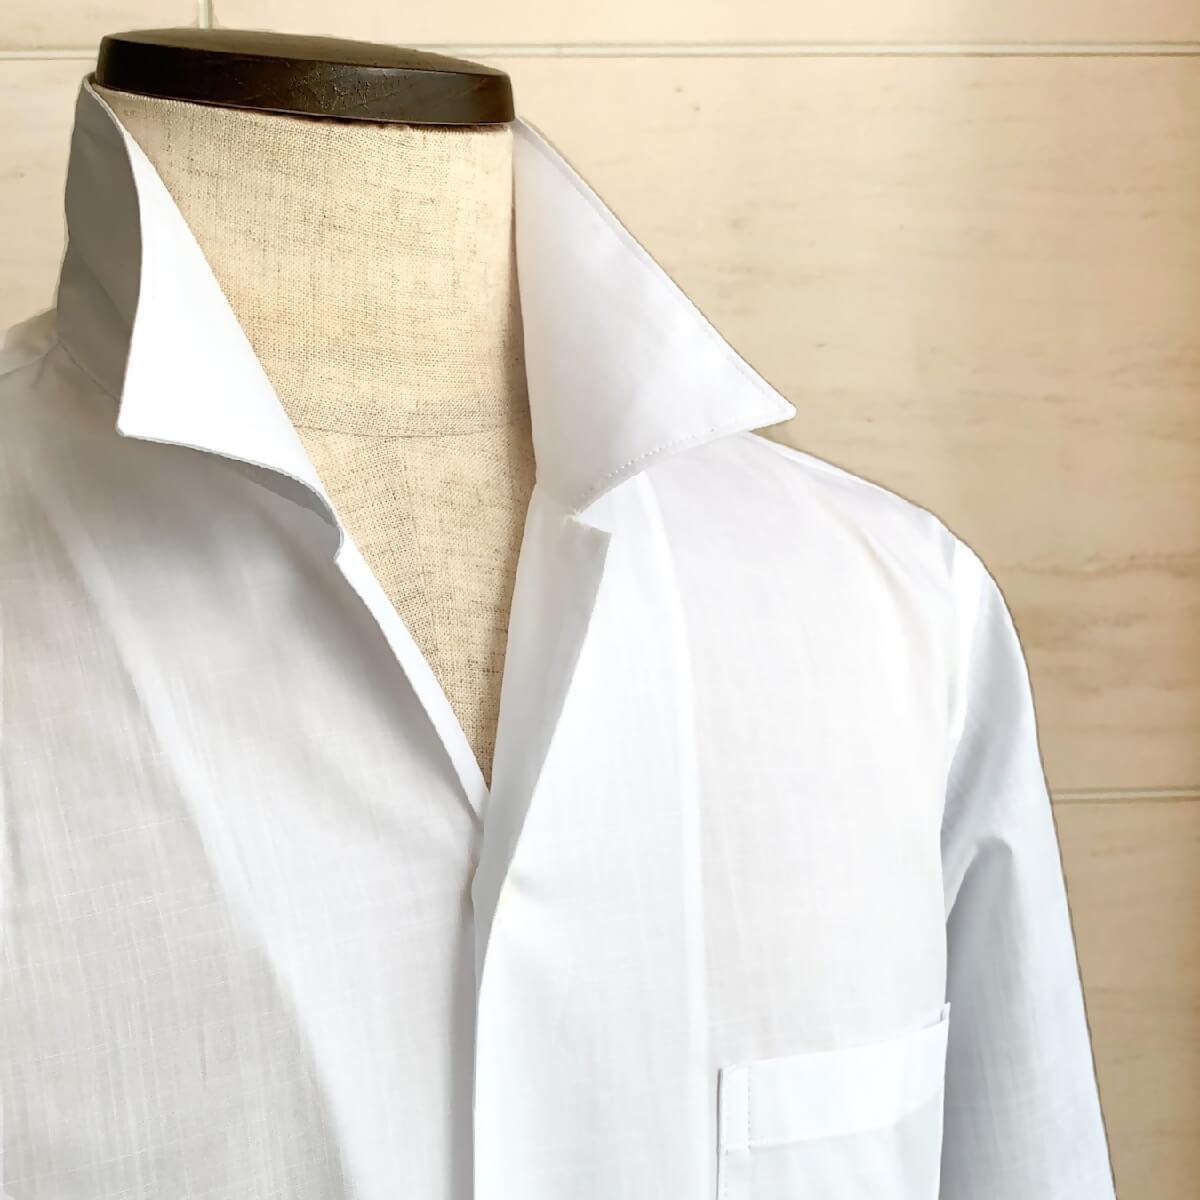 POGGIANTI1958(ポジャンティ)オープンカラーシャツ カジャアルシャツ 開襟シャツ ブランド メンズ シャツ カジュアル イタリア おしゃれ 無地 白シャツ